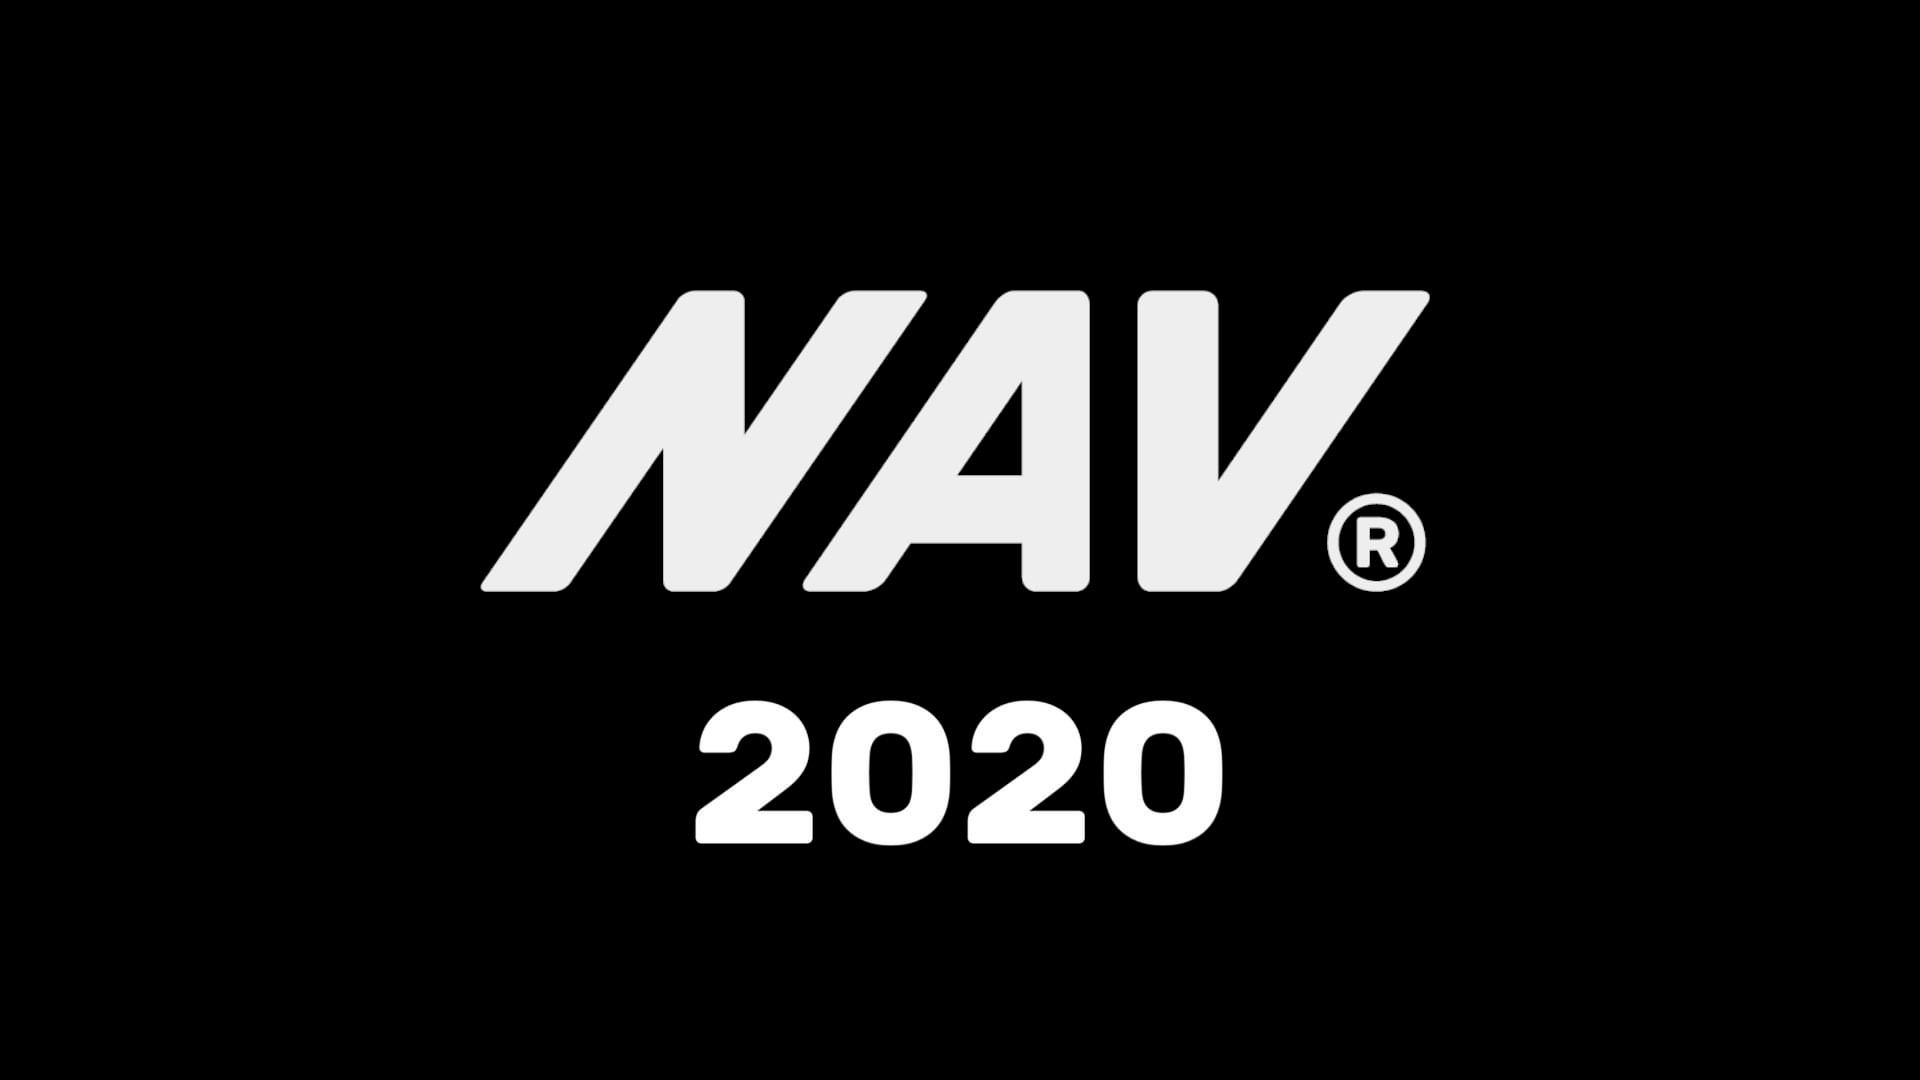 2020 – Um ano para contar boas histórias